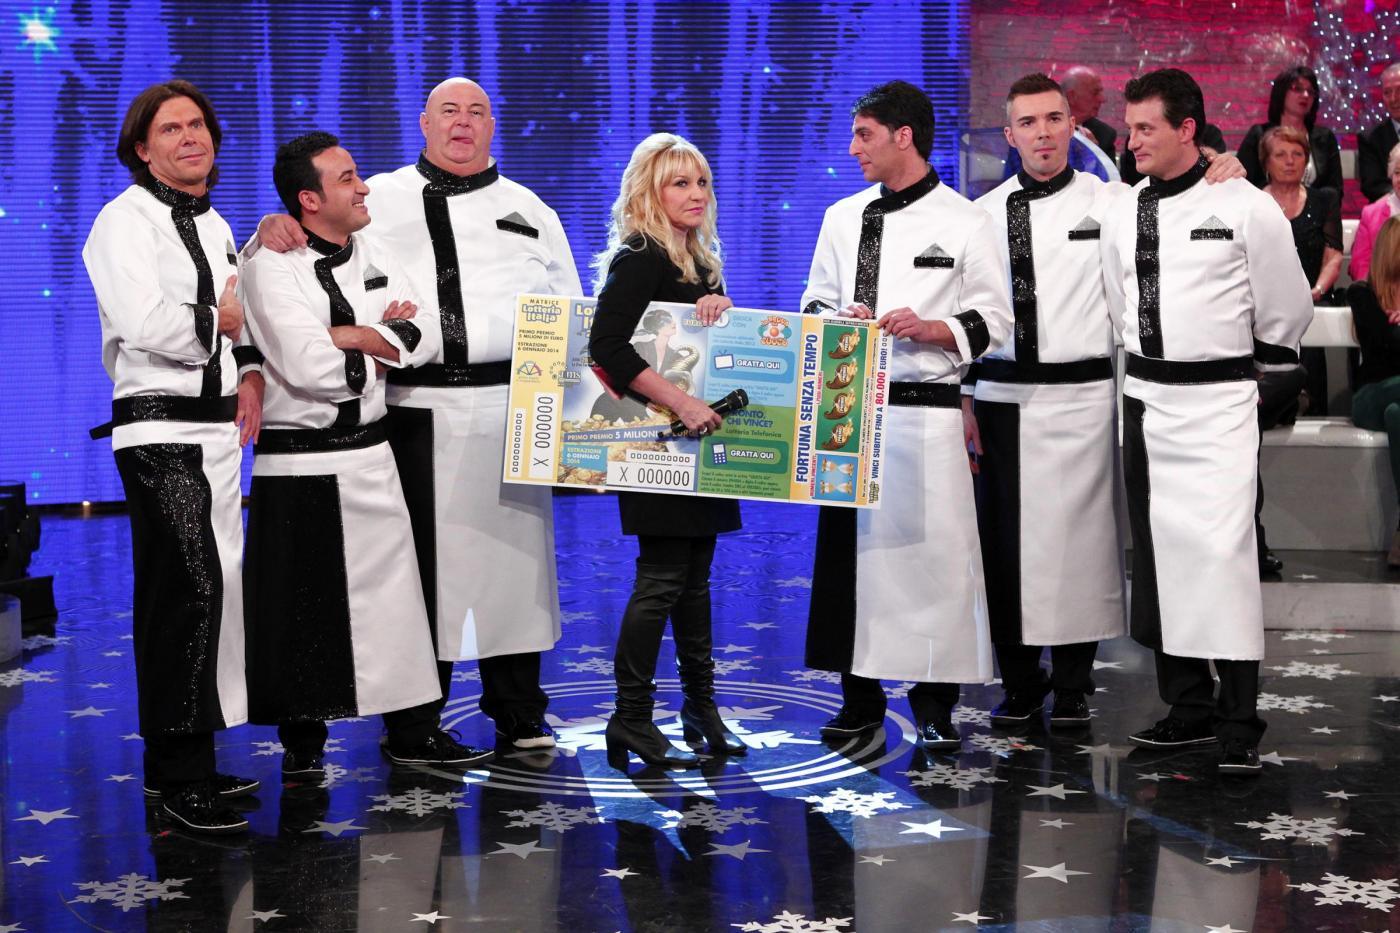 Lotteria Italia 2015: biglietti estratti durante La prova del cuoco